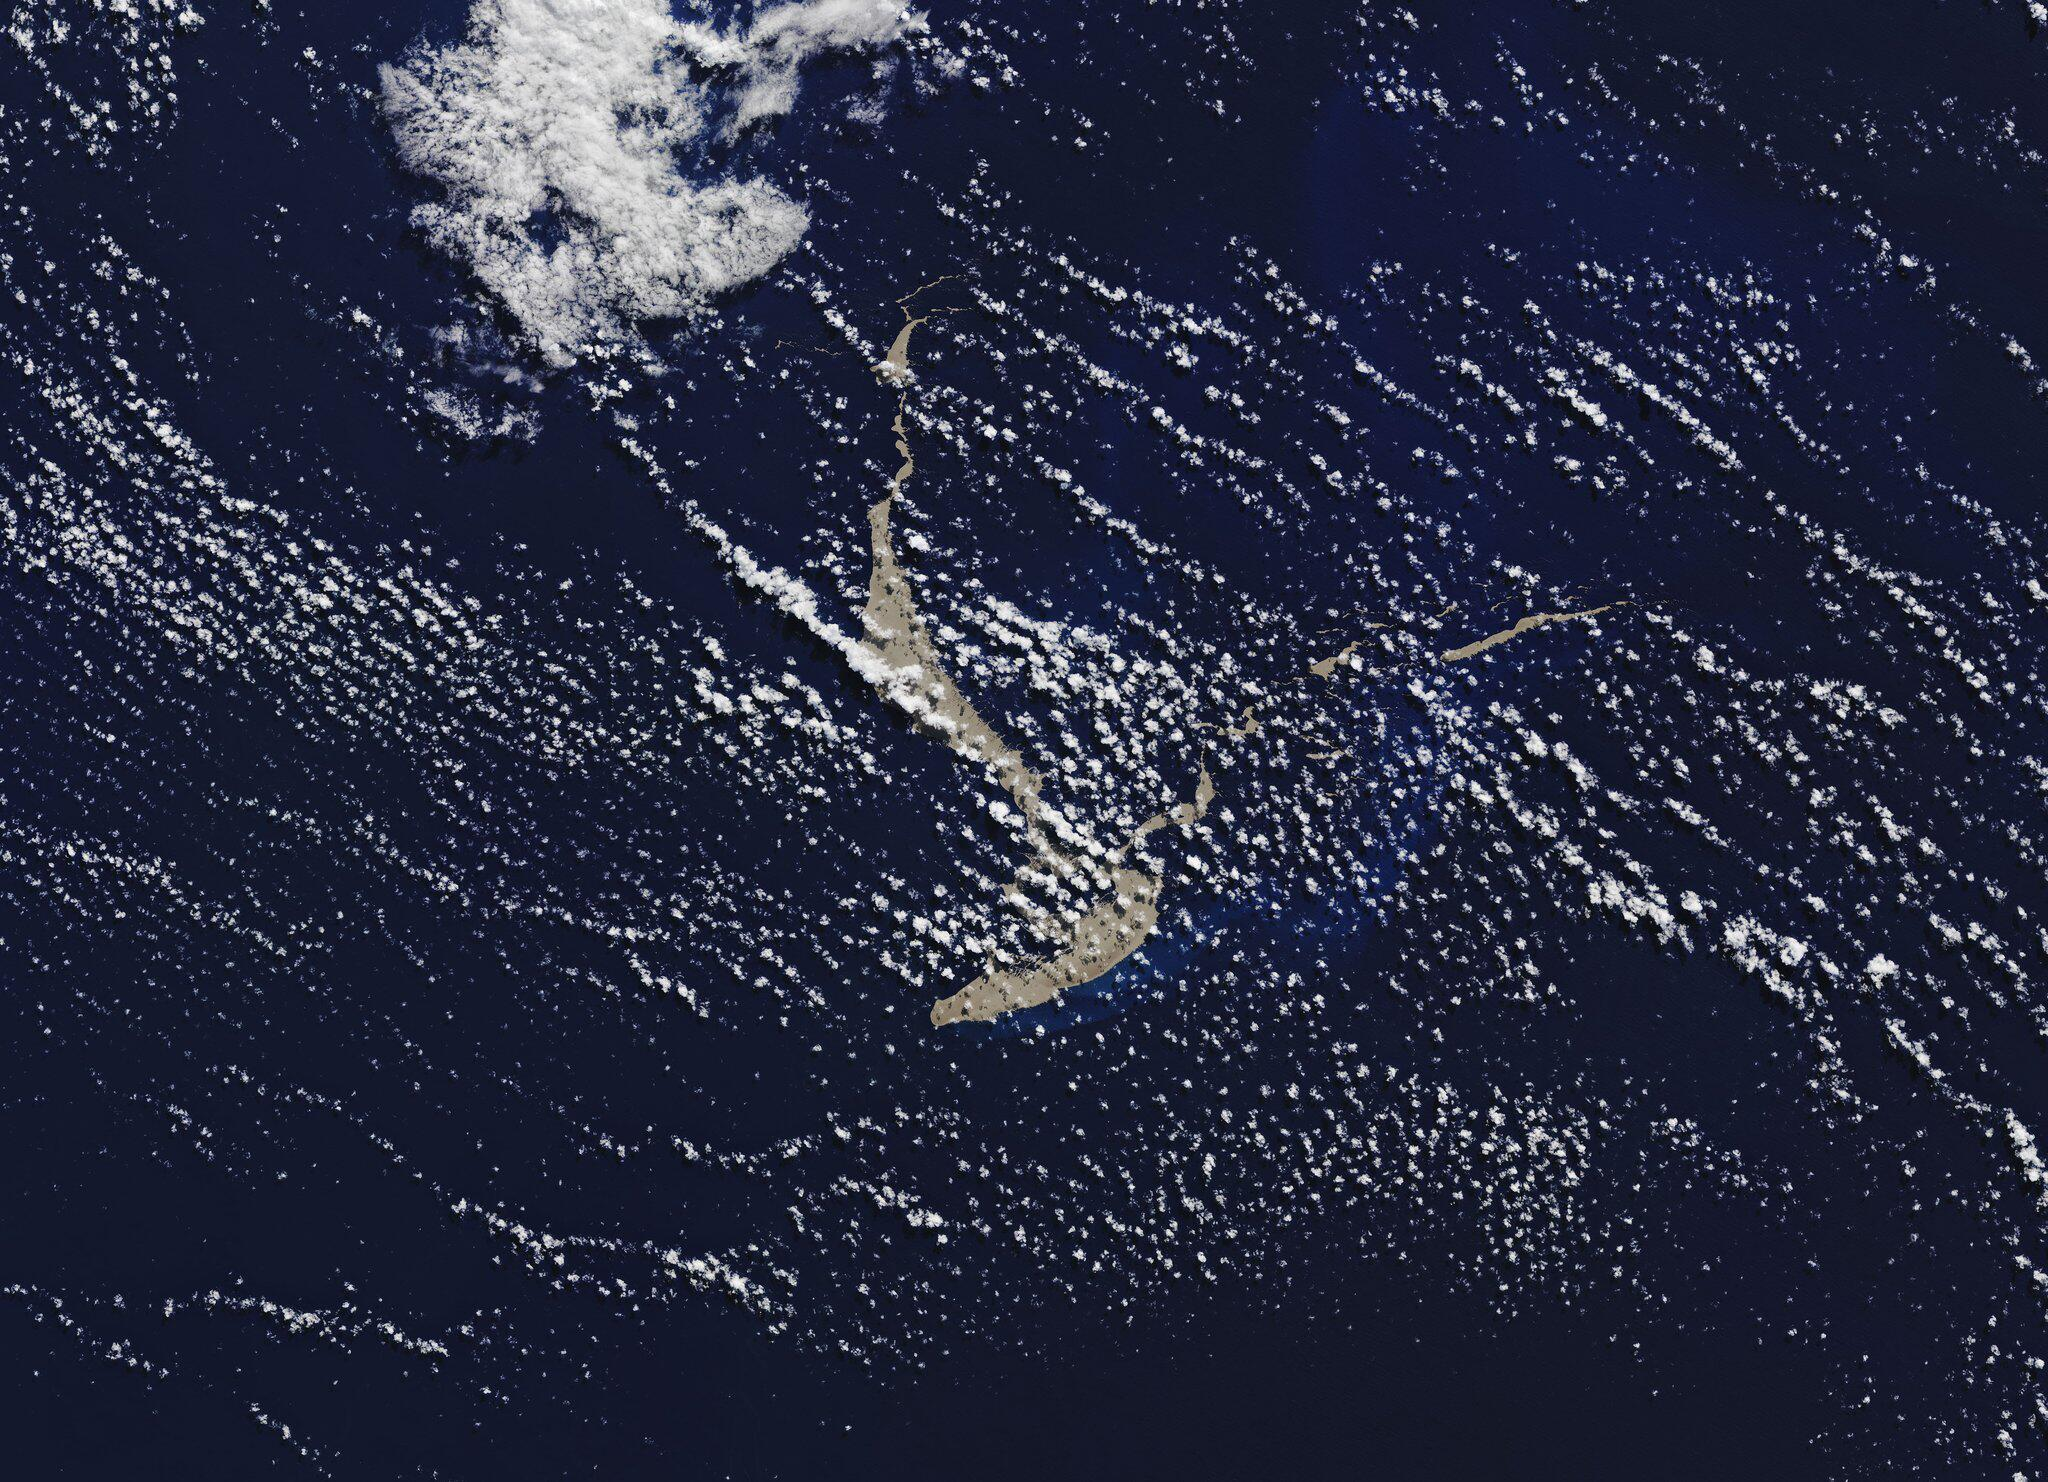 Bild zu Bimssteinfloss treibt im tropischen Pazifik